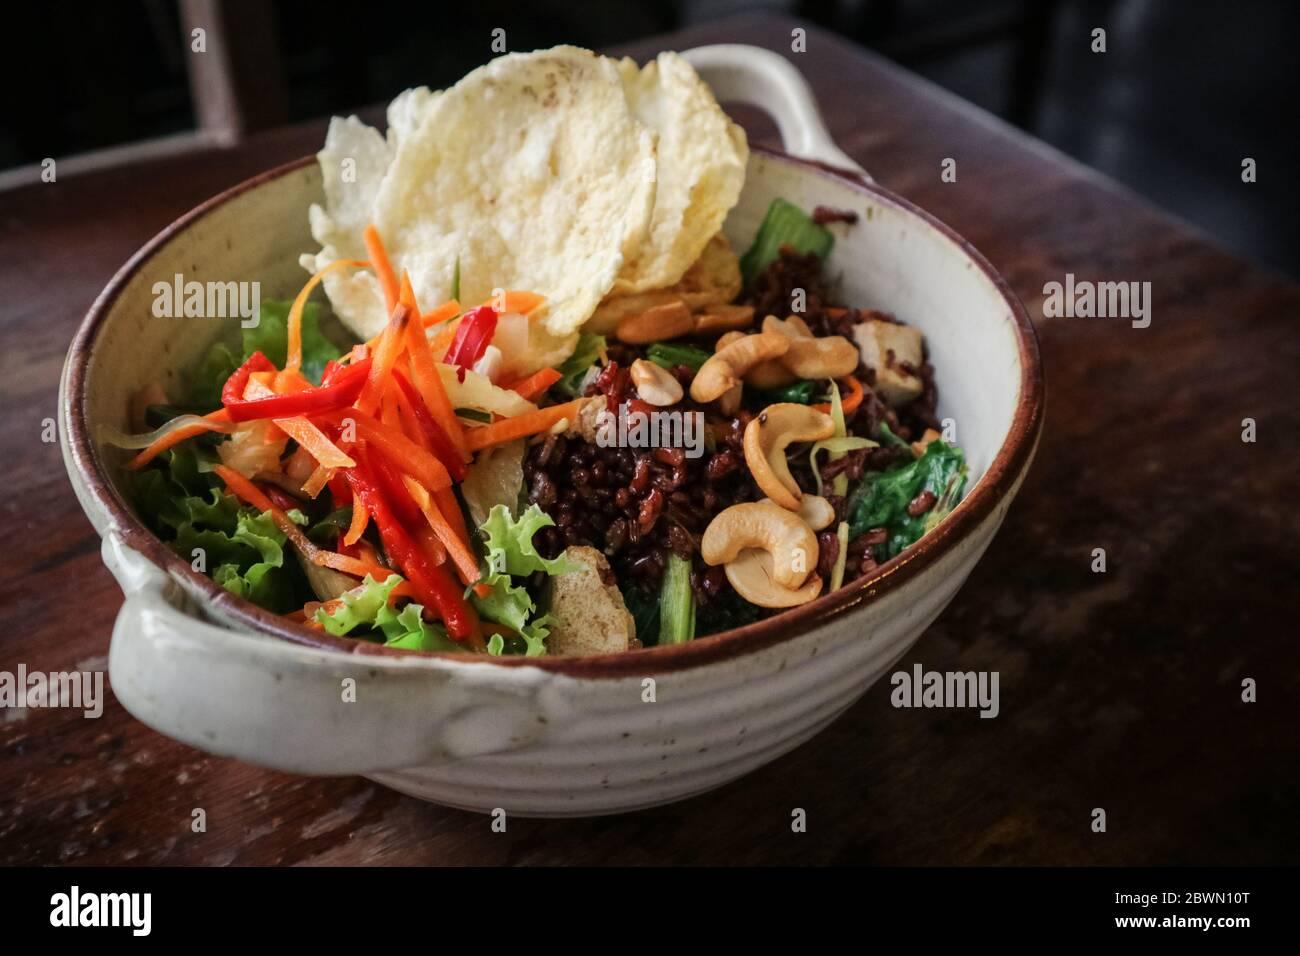 Arroz Rojo orgánico Nasi Goreng, arroz frito vegetariano con un montón de verduras, tofu y anacardos tostados en un tazón sobre fondo de madera Foto de stock